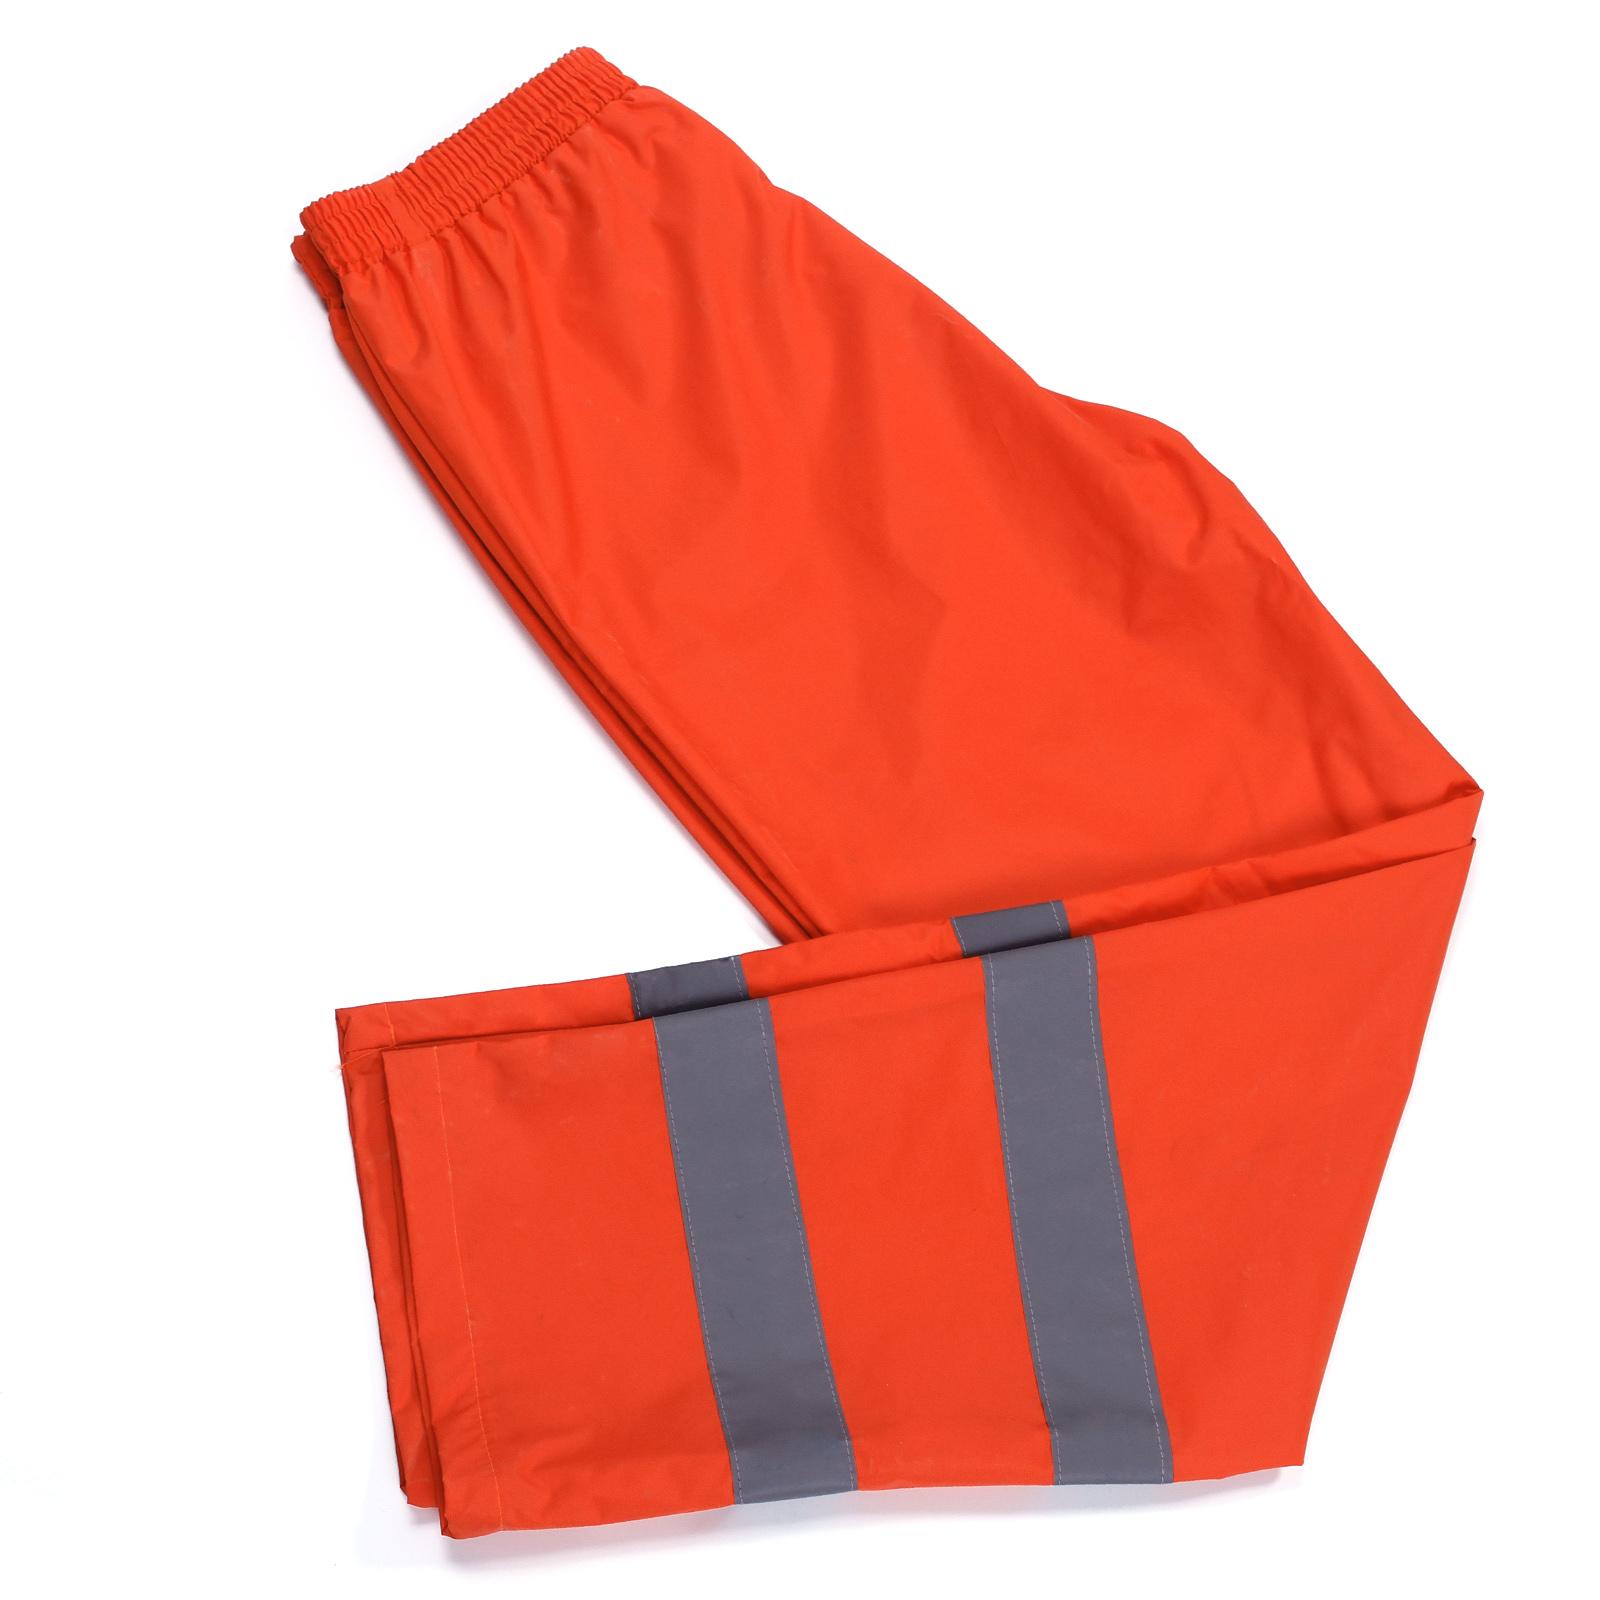 sur pantalon de travail impermeable securite haute visibilite high hi vis. Black Bedroom Furniture Sets. Home Design Ideas